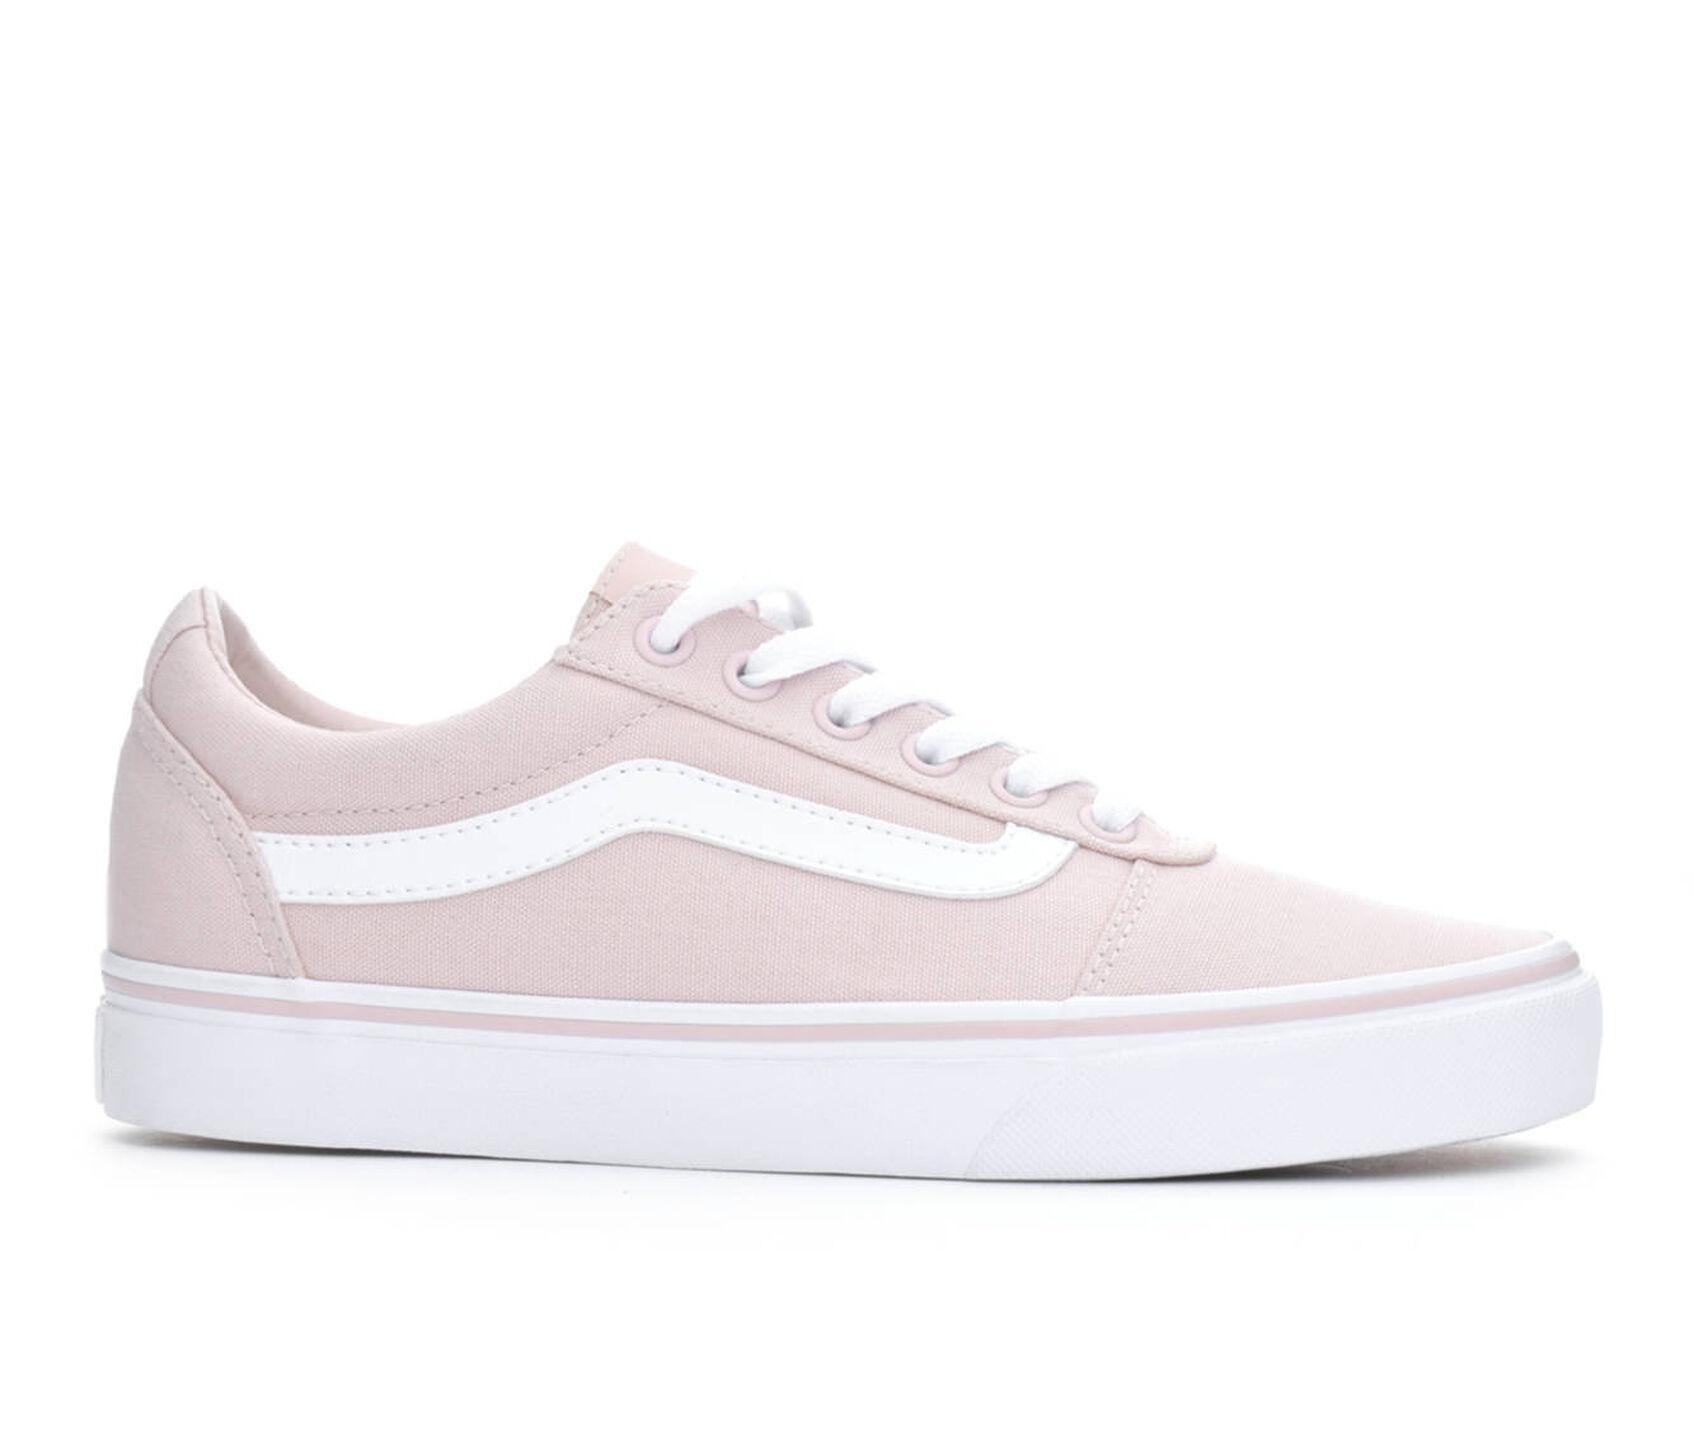 Top Discount Shoe Sites